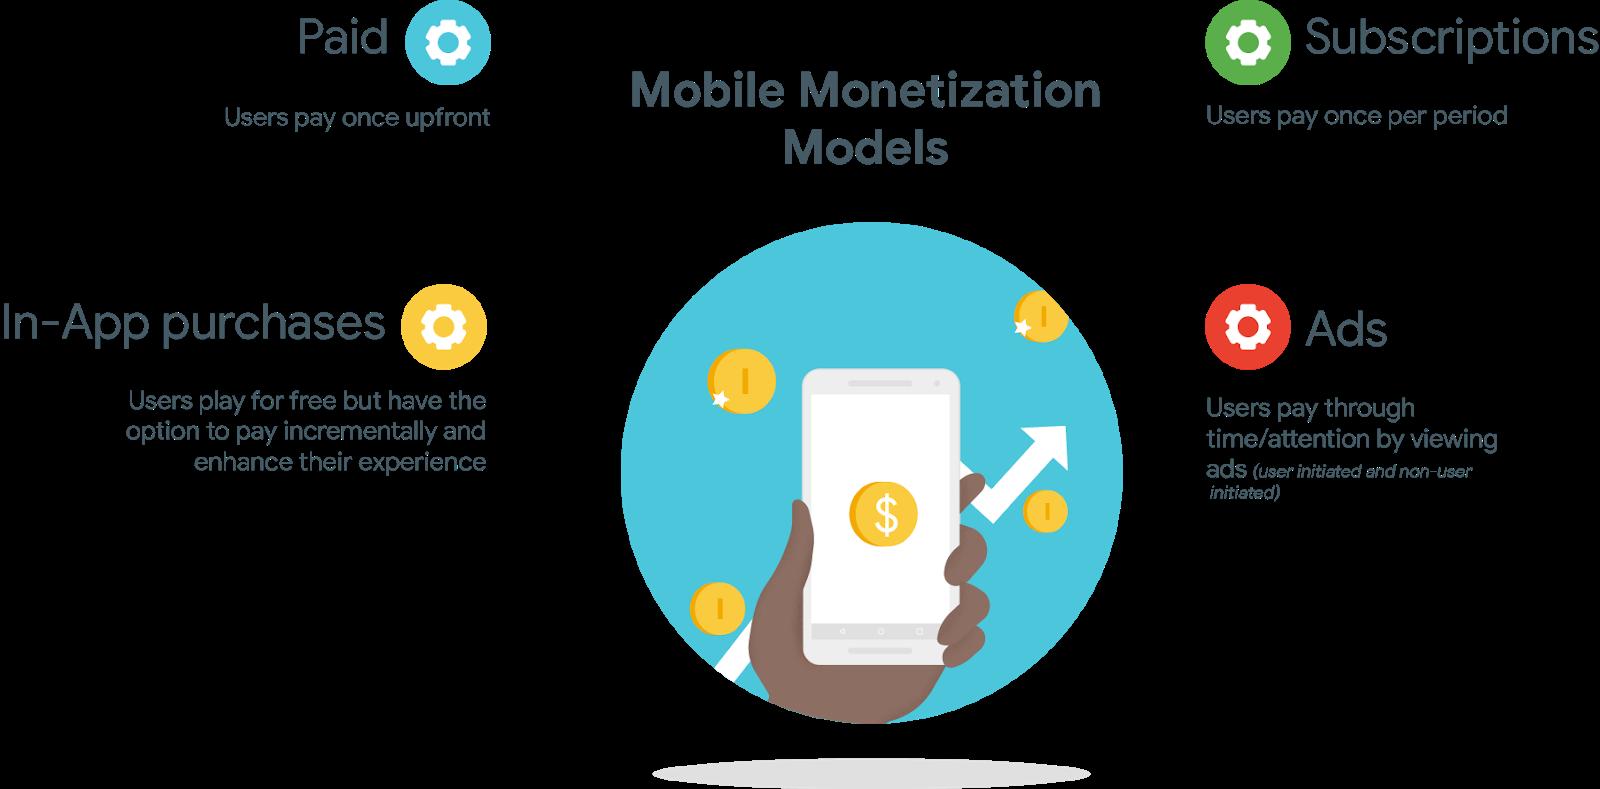 Как связать вовлечение с монетизацией в мобильных играх и приложениях - 3